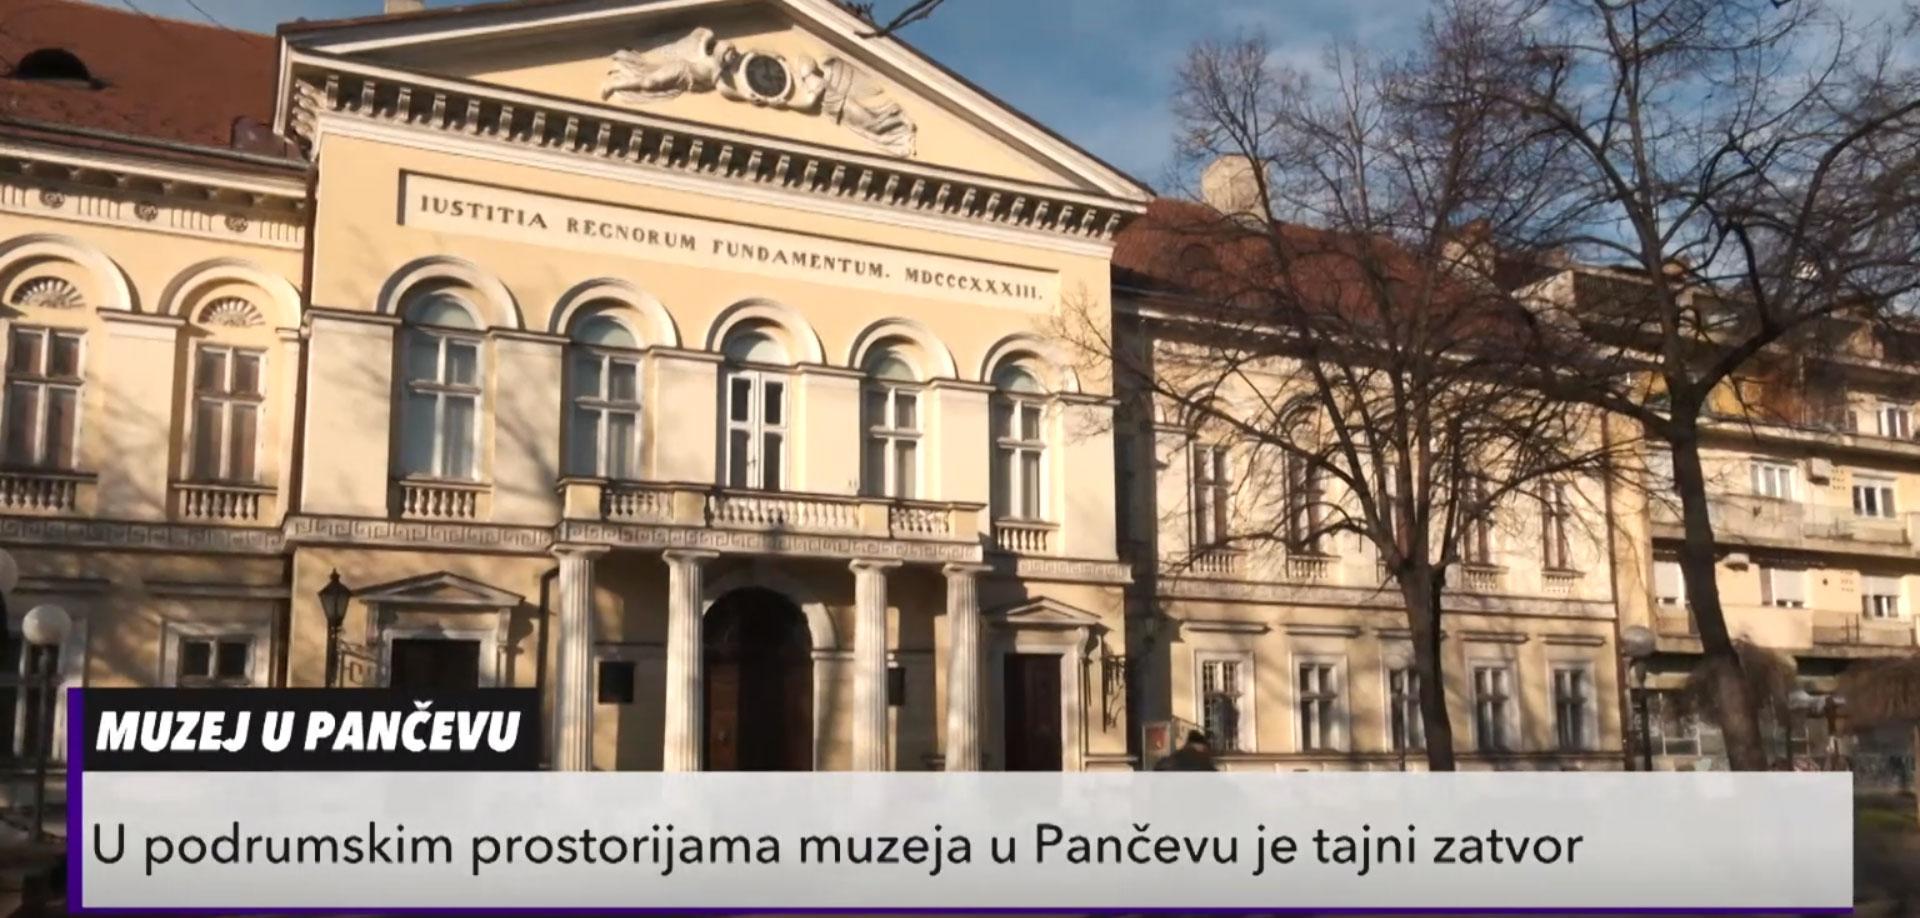 Zgrada Narodnog muzeja u podrumu krije jezivu tajnu [VIDEO]